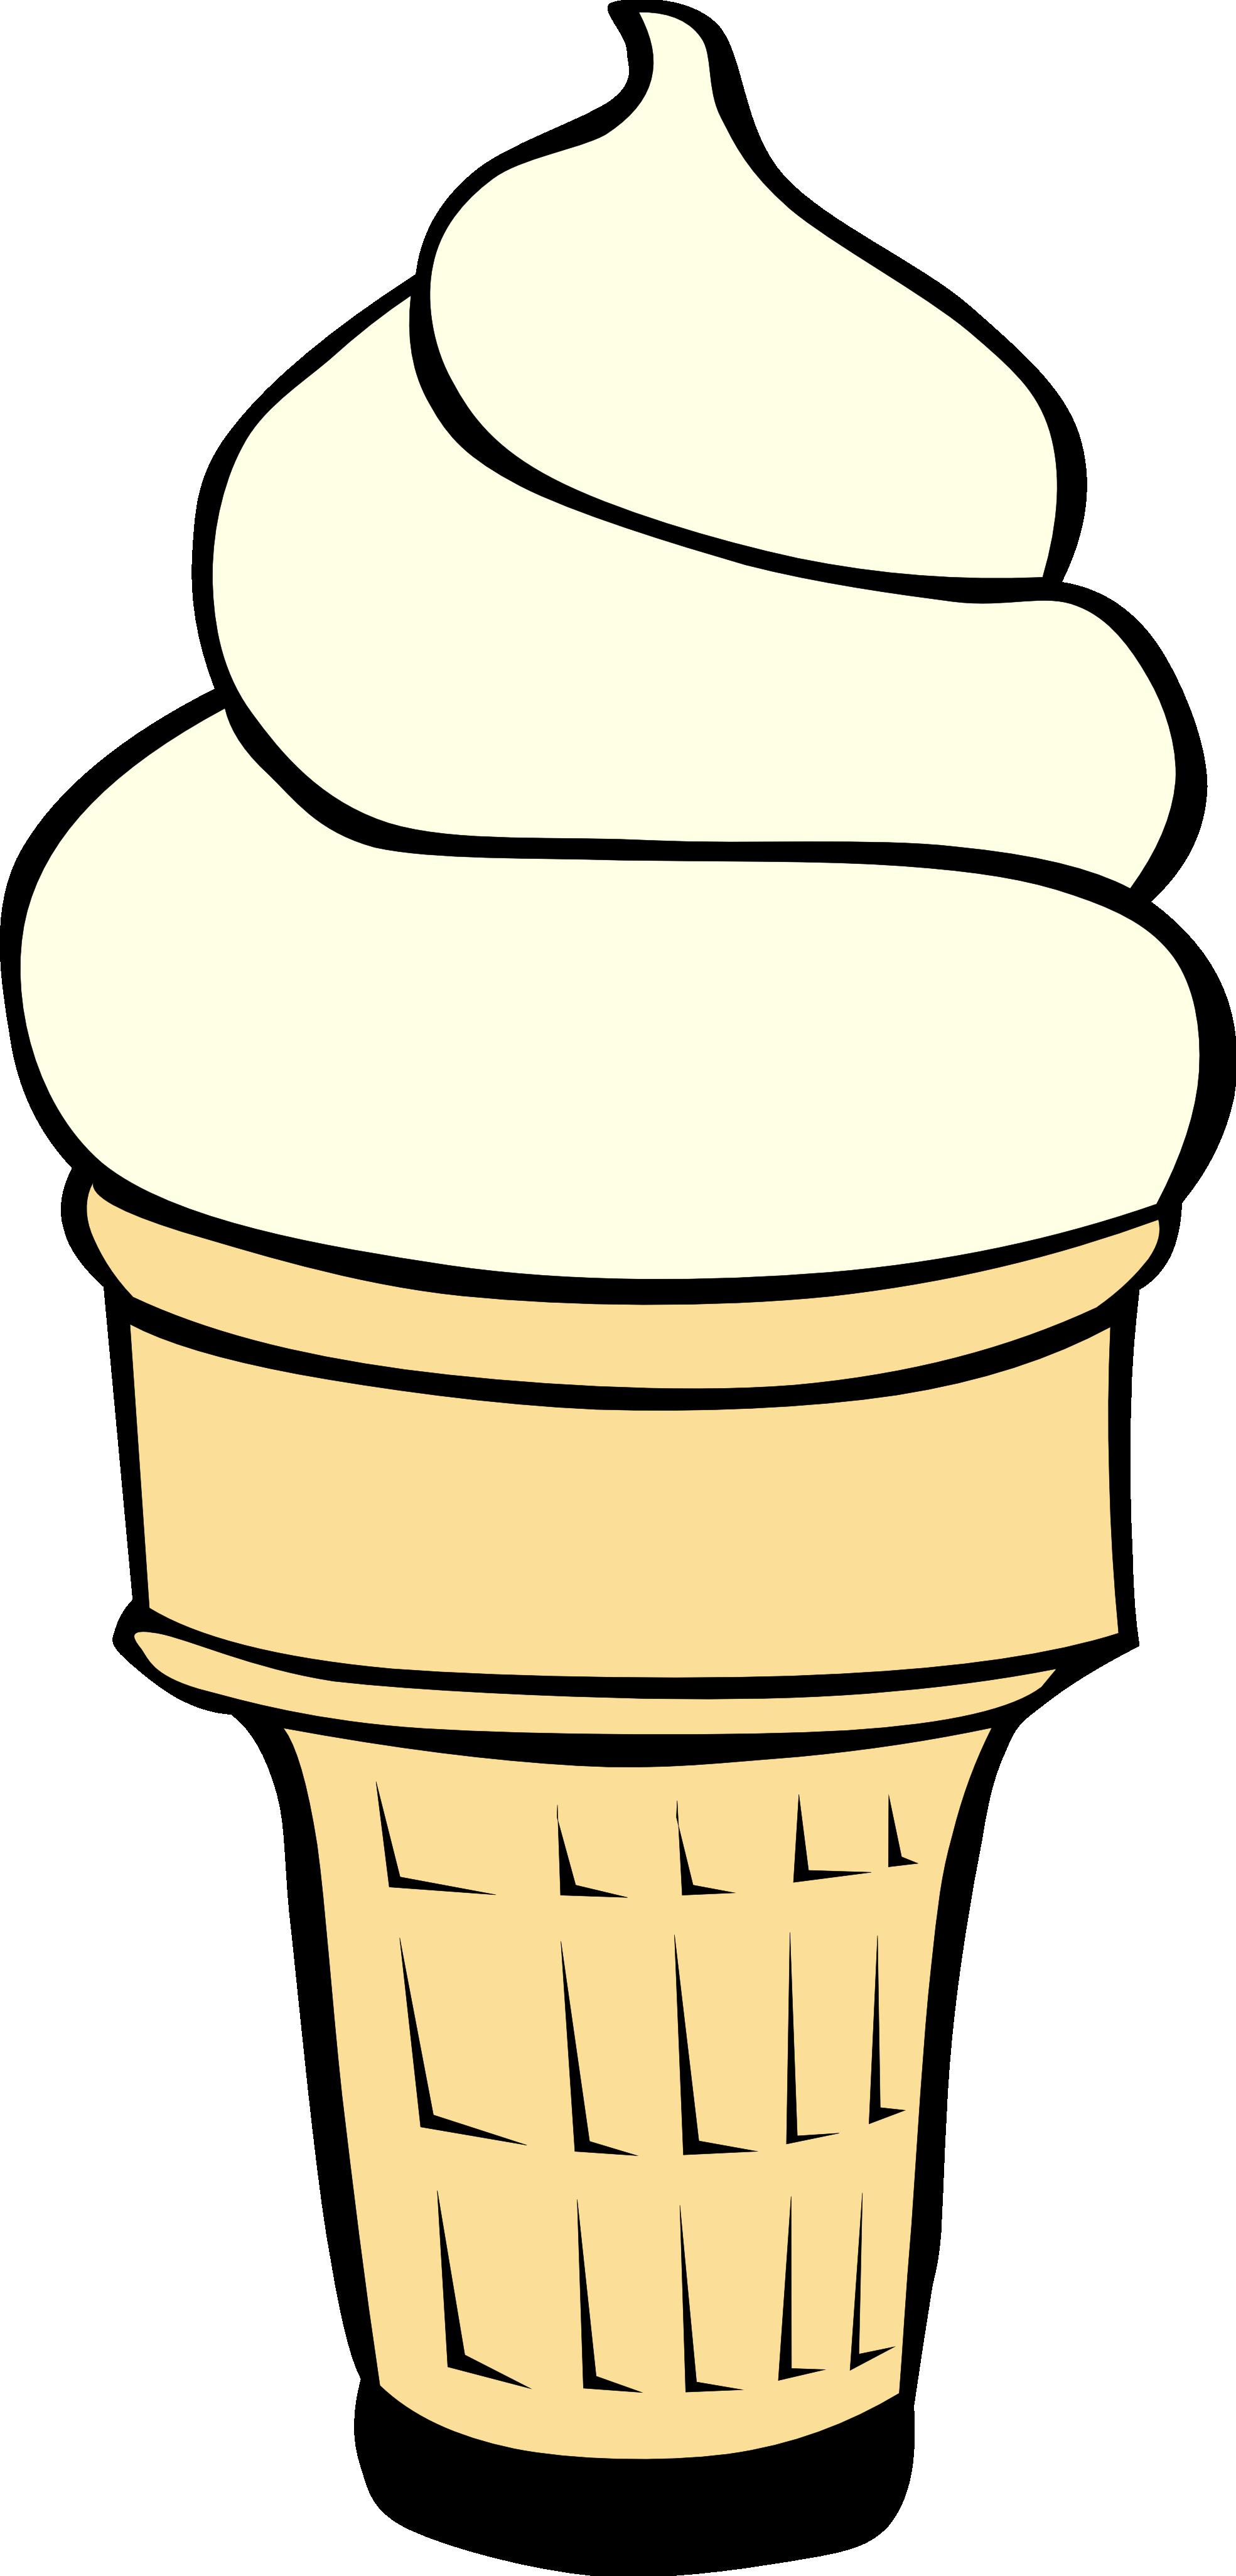 Ice cream cone clip art free clipart images.